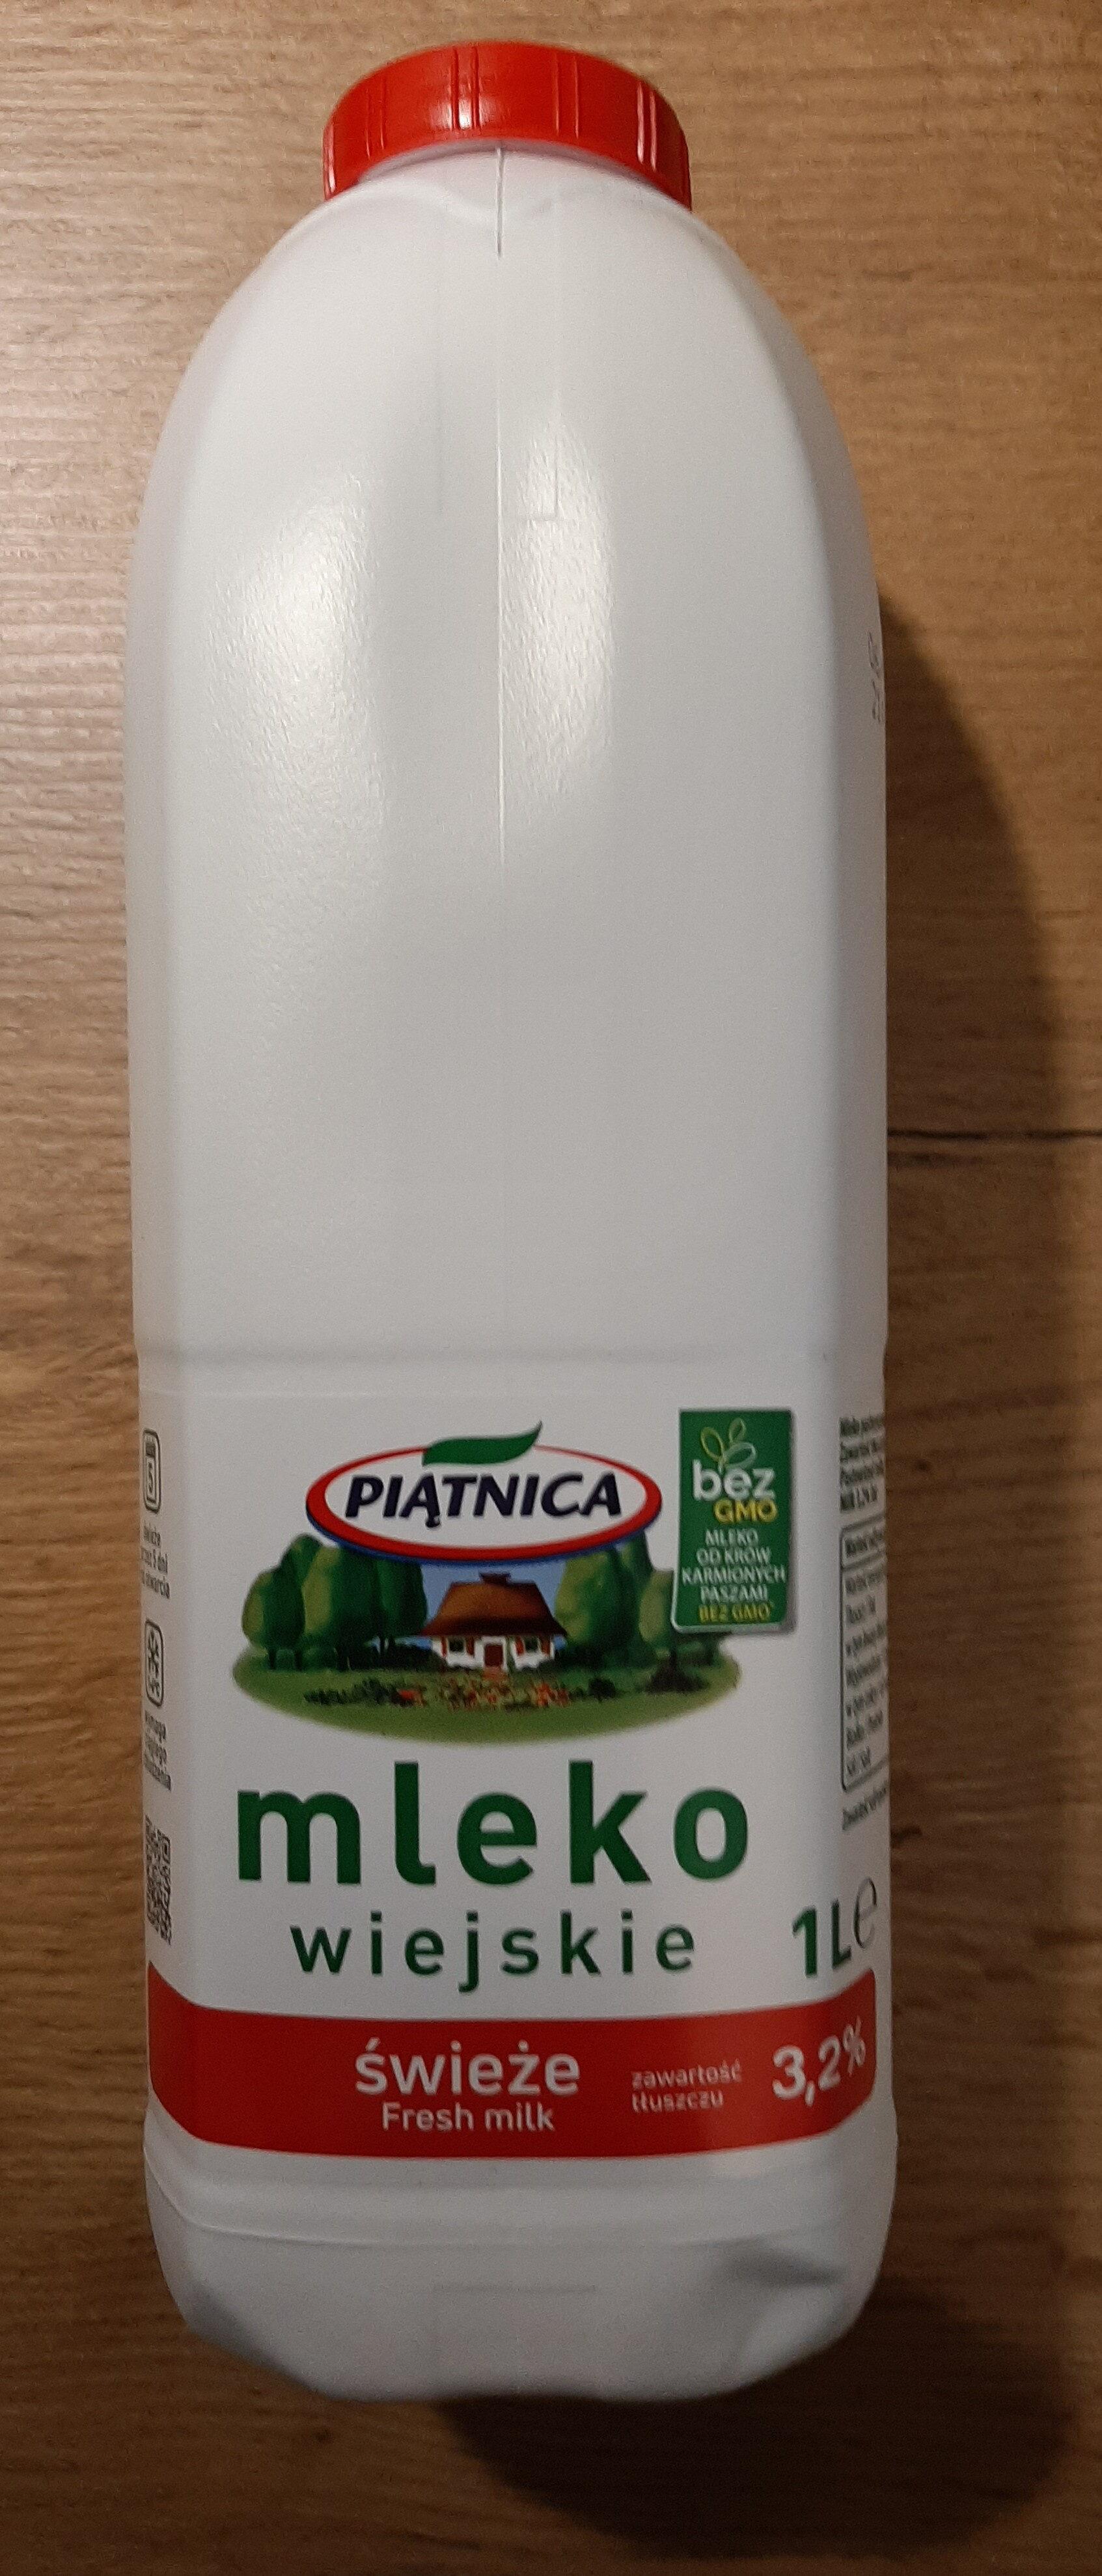 mleko - Produkt